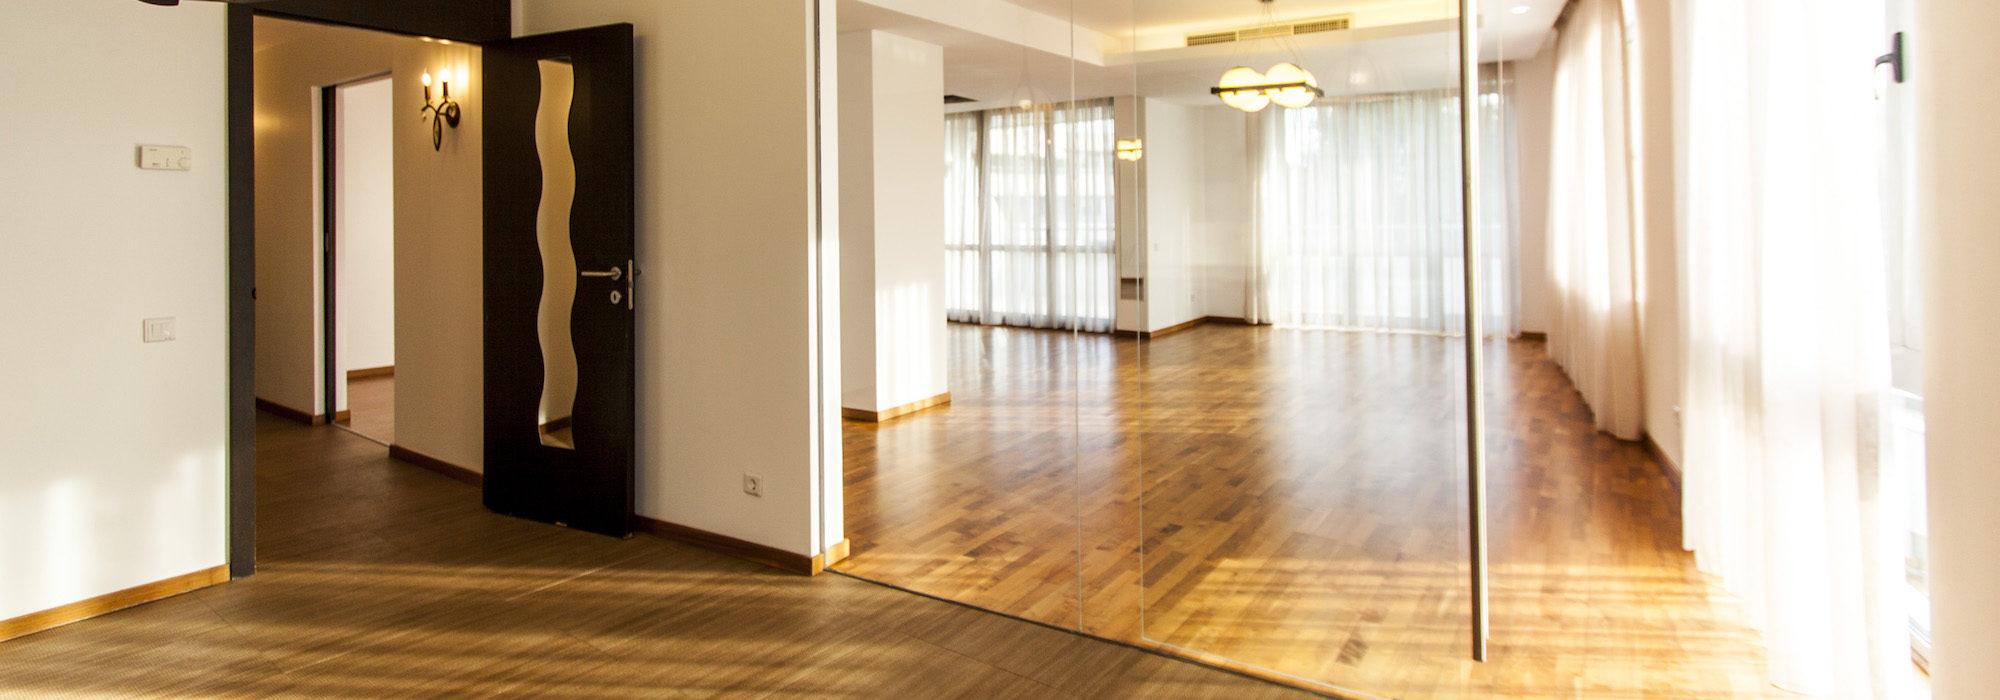 Apartament 4 camere Complex Amfiteatru – Strada Erou Iancu Nicolae